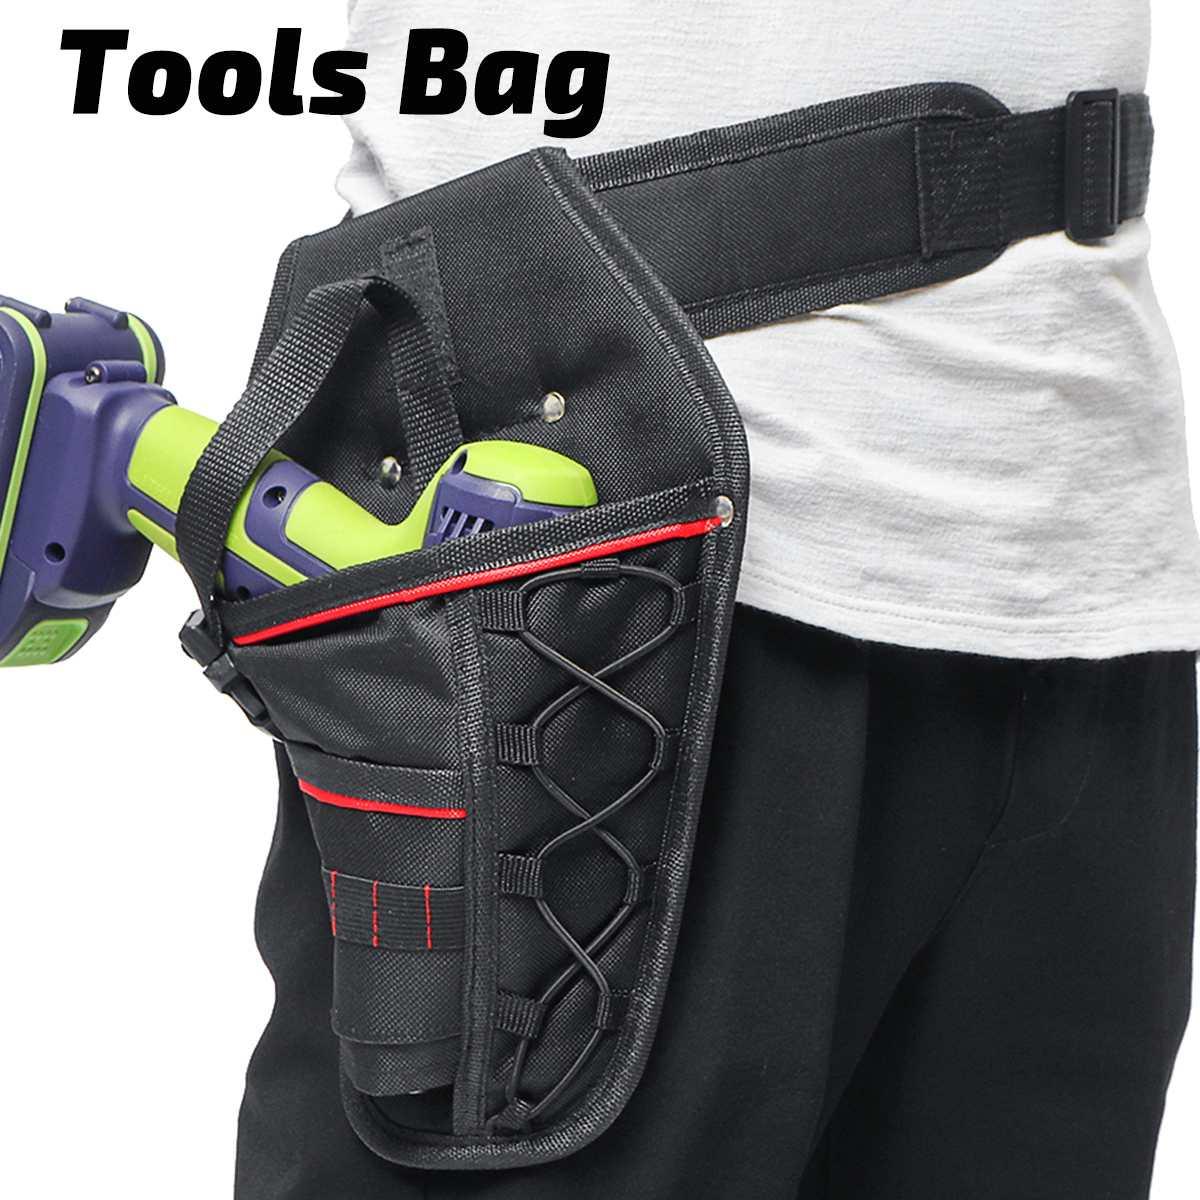 Eletricista ferramenta sacos portátil cinto titular bolsa saco de armazenamento para elétrica furadeira sem fio chave de fenda